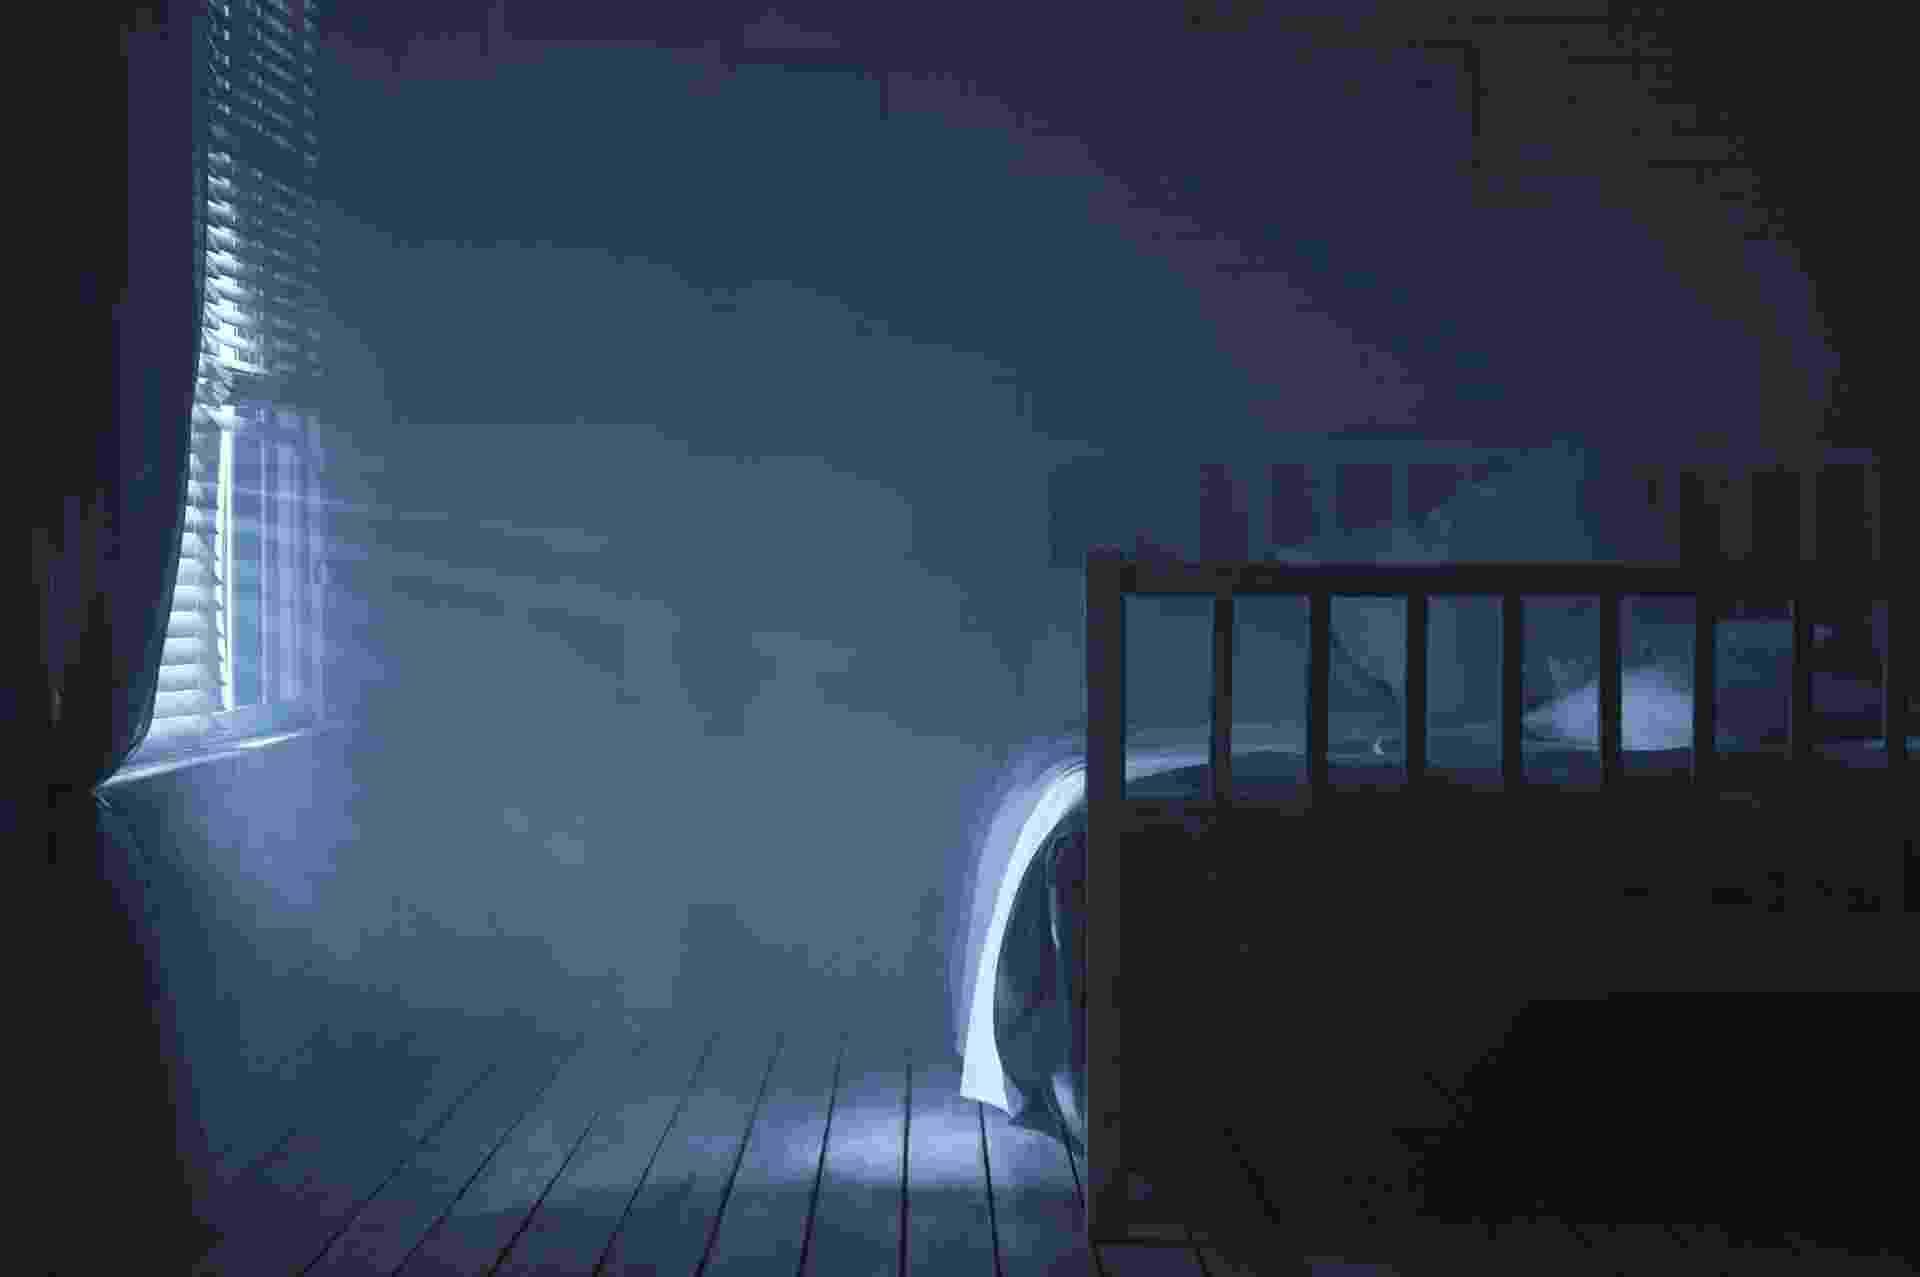 Um quarto aconchegante pode ser a chave para uma boa noite de sono. Para tornar o ambiente adequado ao descanso, além de uma cama confortável, é essencial controlar a luminosidade: isso implica em uma iluminação artificial adequada e, também, no bloqueio (parcial ou total) da luz que vem da janela. A arquiteta Camila Trombini Krieger, de Curitiba, dá sugestões para impedir ou minimizar a entrada de luz da rua no dormitório - Getty Images